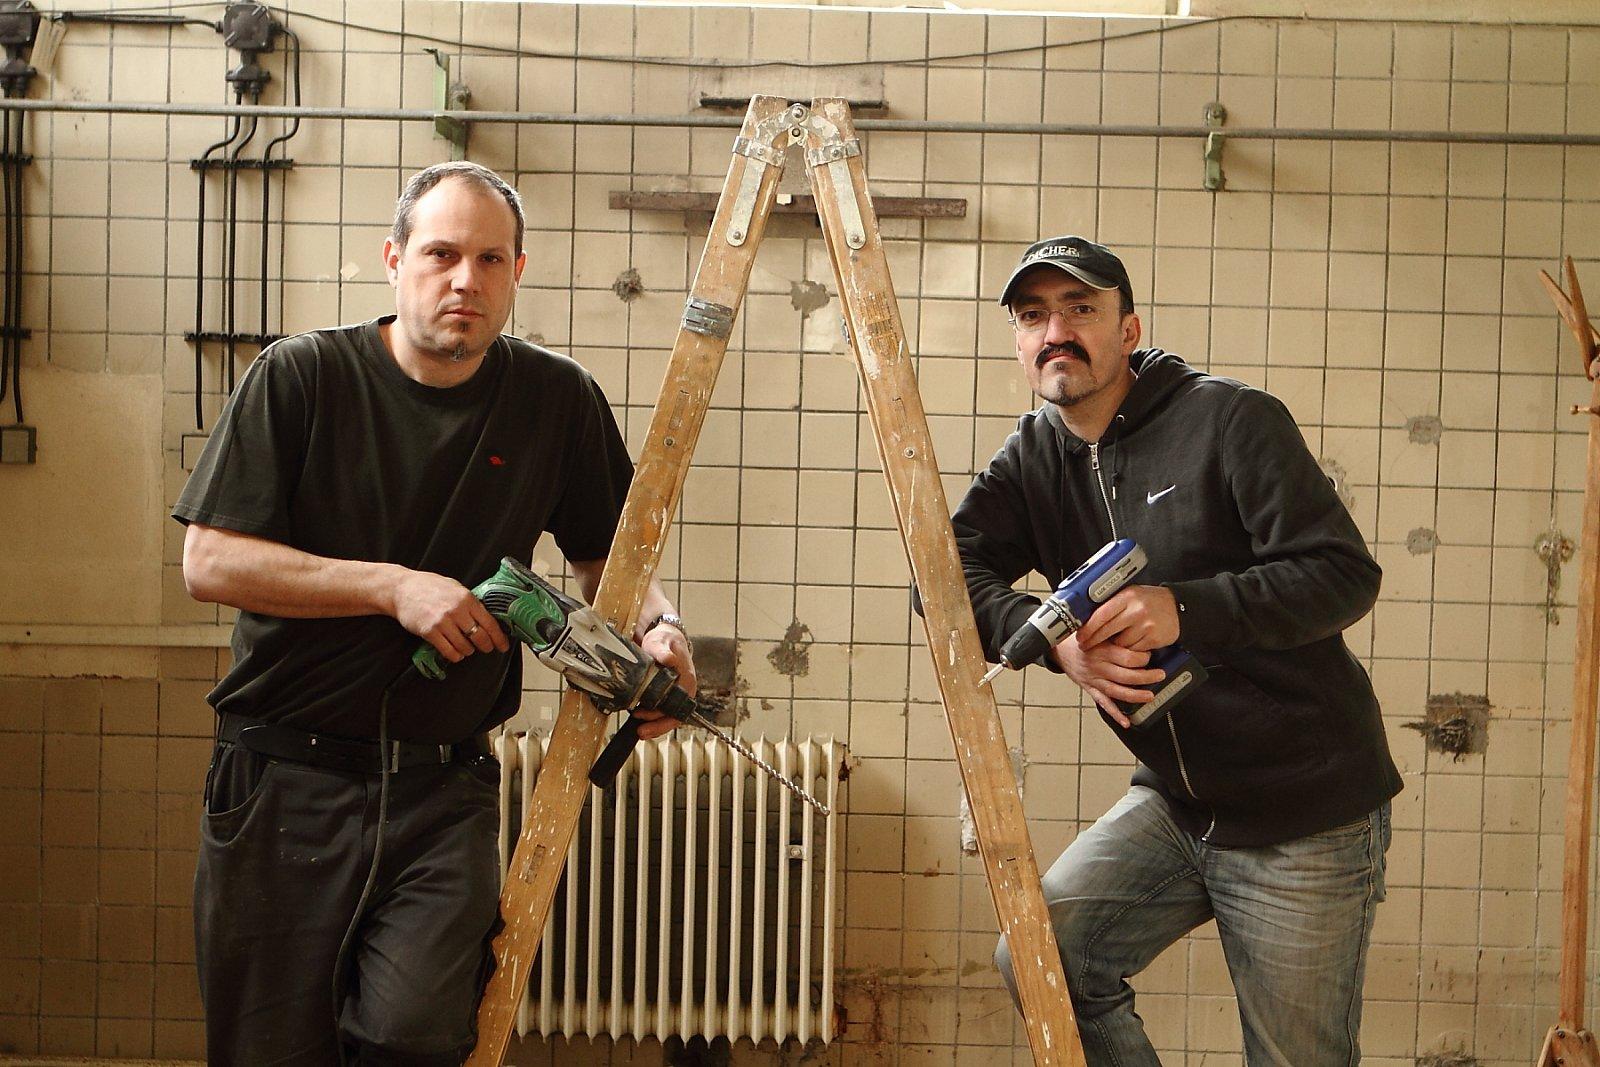 Služby hodinových manželů pomohly znovu oživit stavební firmu